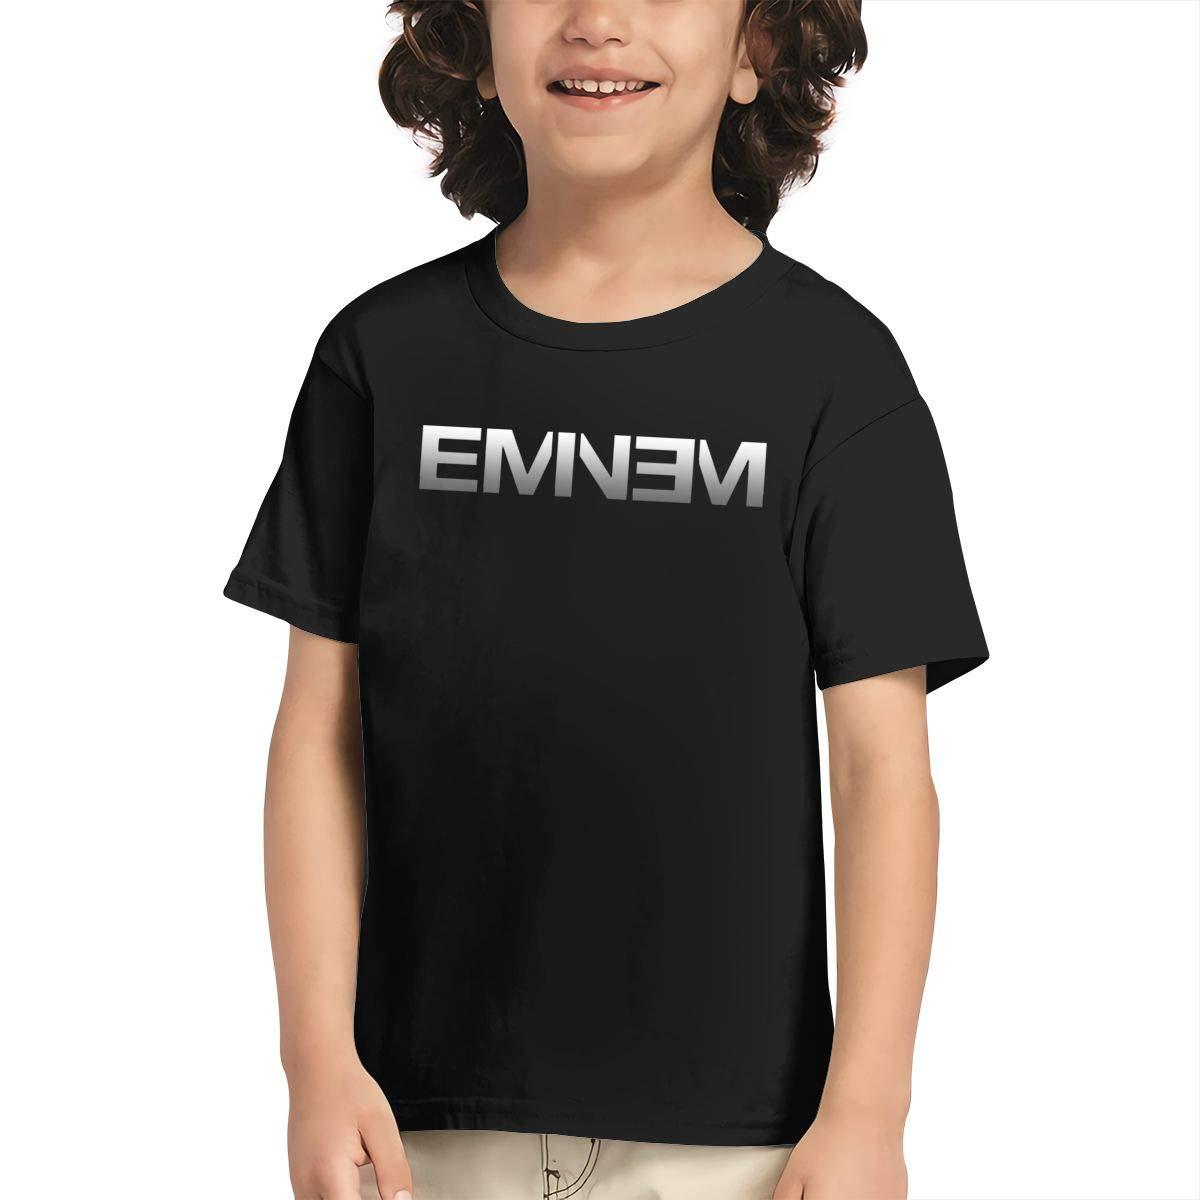 Eggpapa Eminem 2 6 Girls Black Shirts